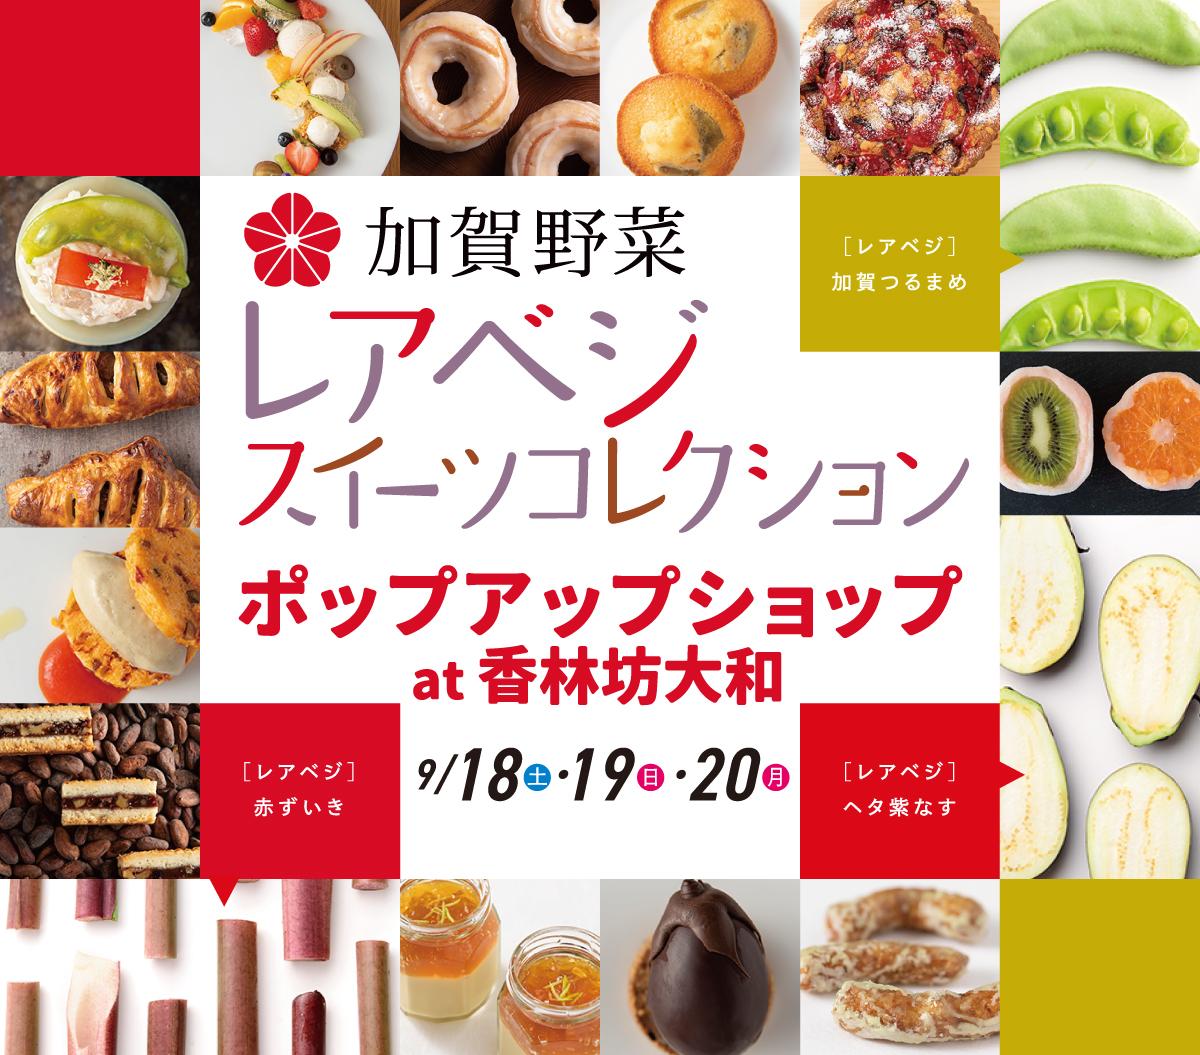 Rare-Vege Sweets Collection 加賀野菜レアベジスイーツコレクション ポップアップショップ at 香林坊大和